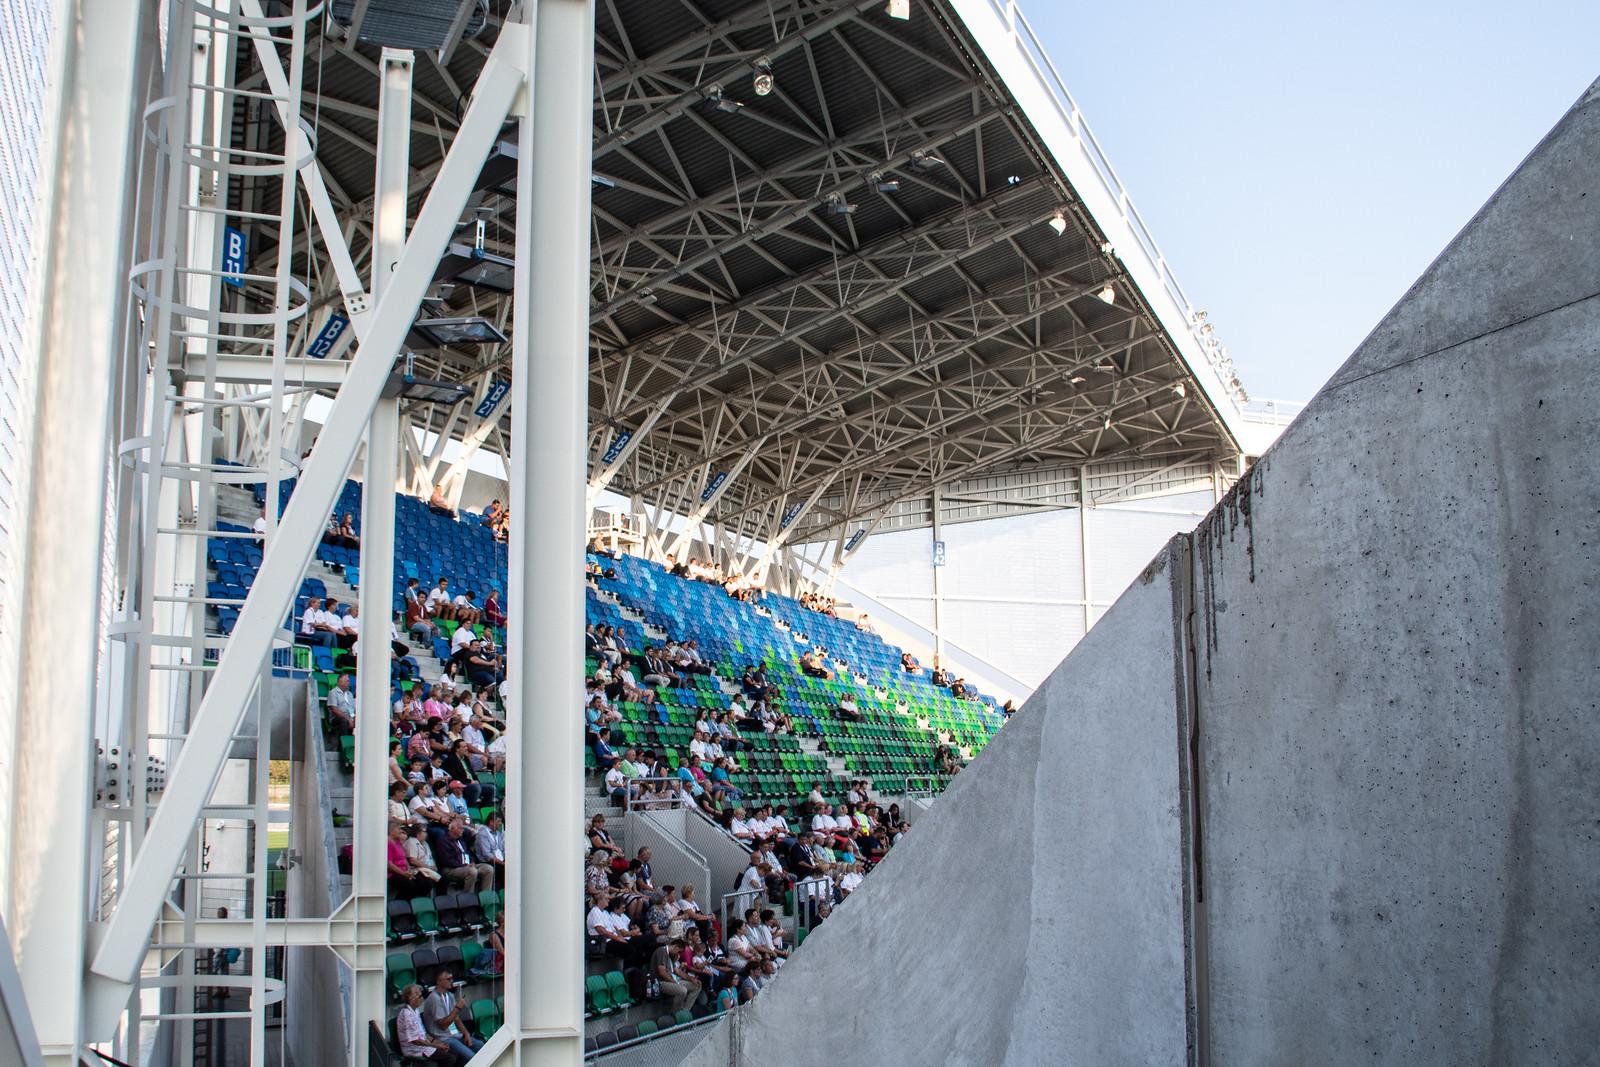 Vigyázat, egy független újság bejutott az új stadionba!